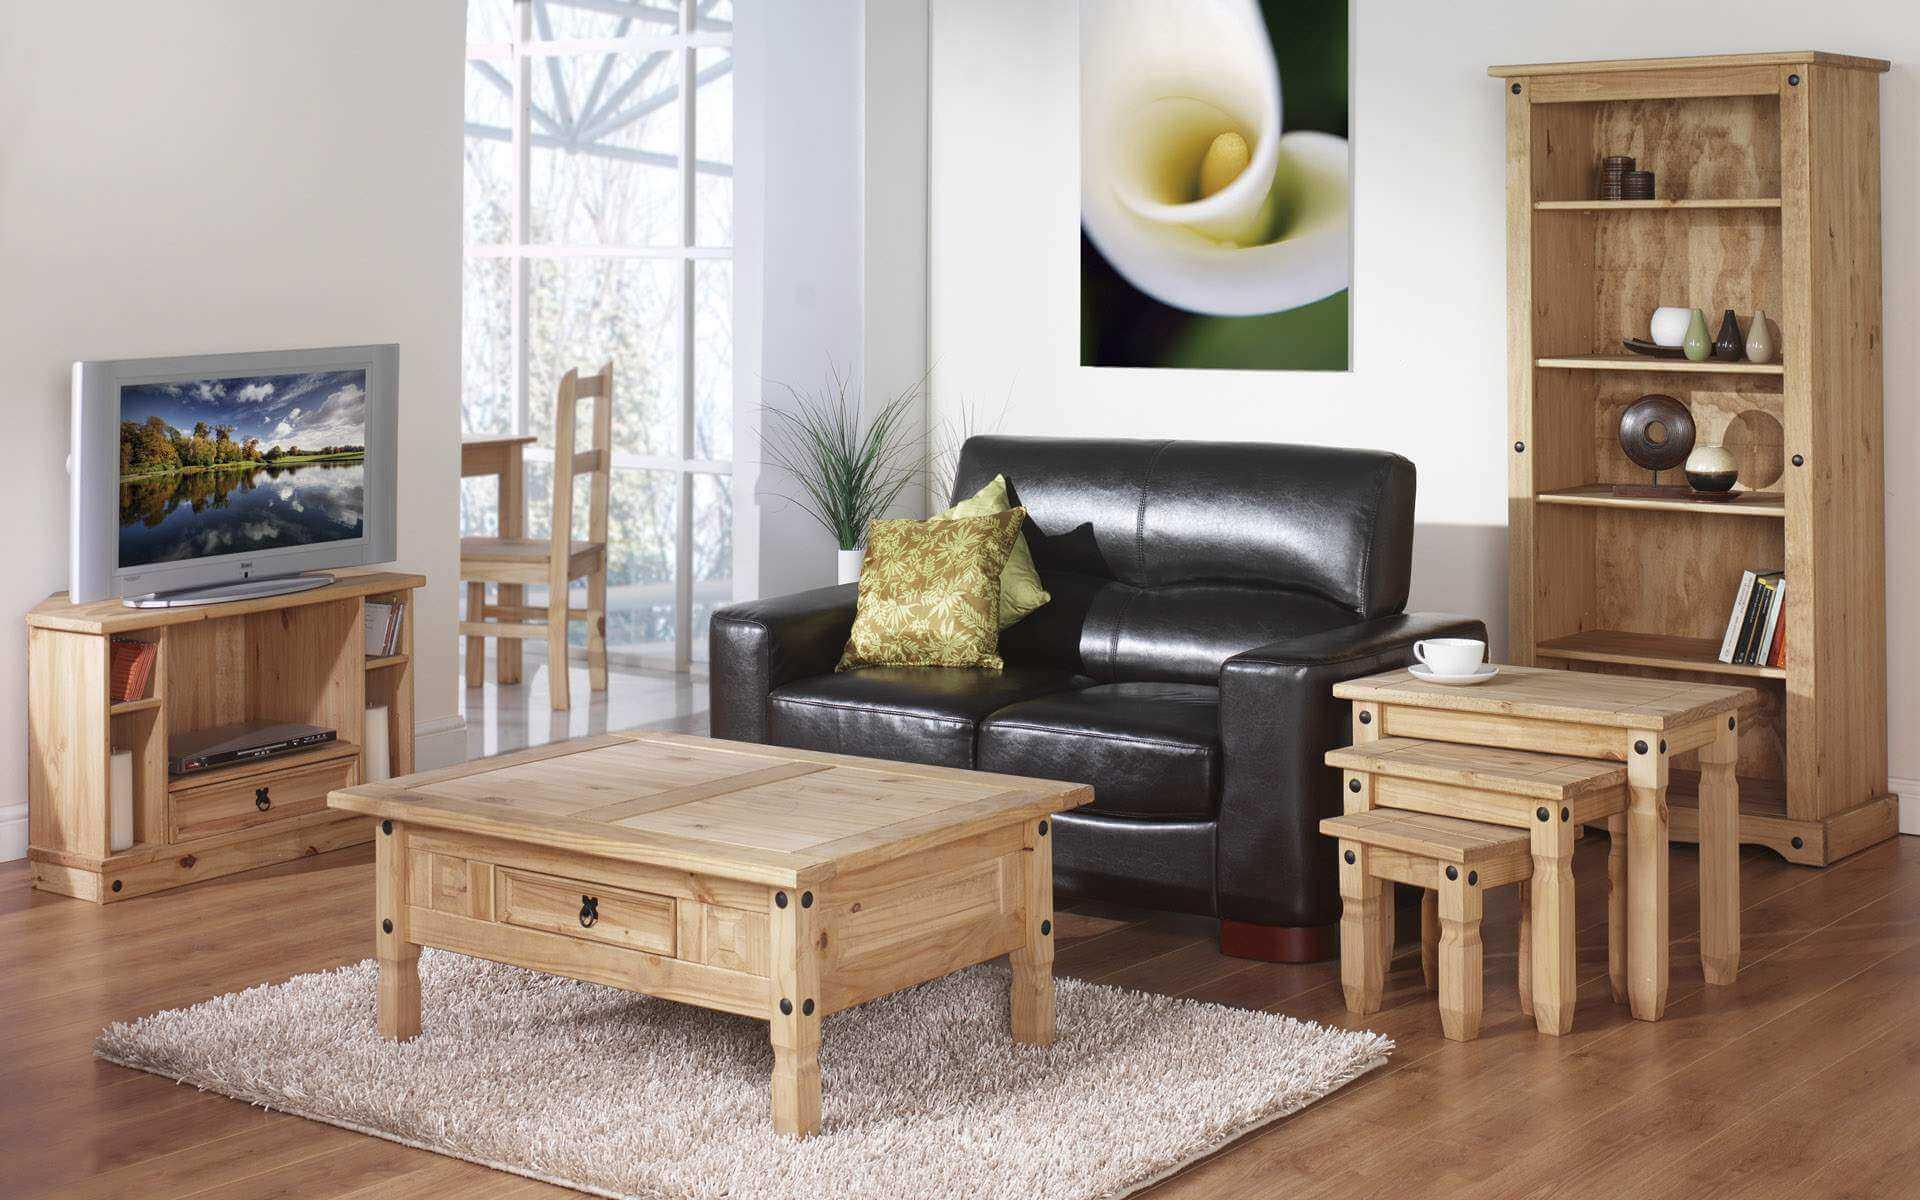 мебель из дерева деревянная в современном стиле дизайне интерьере